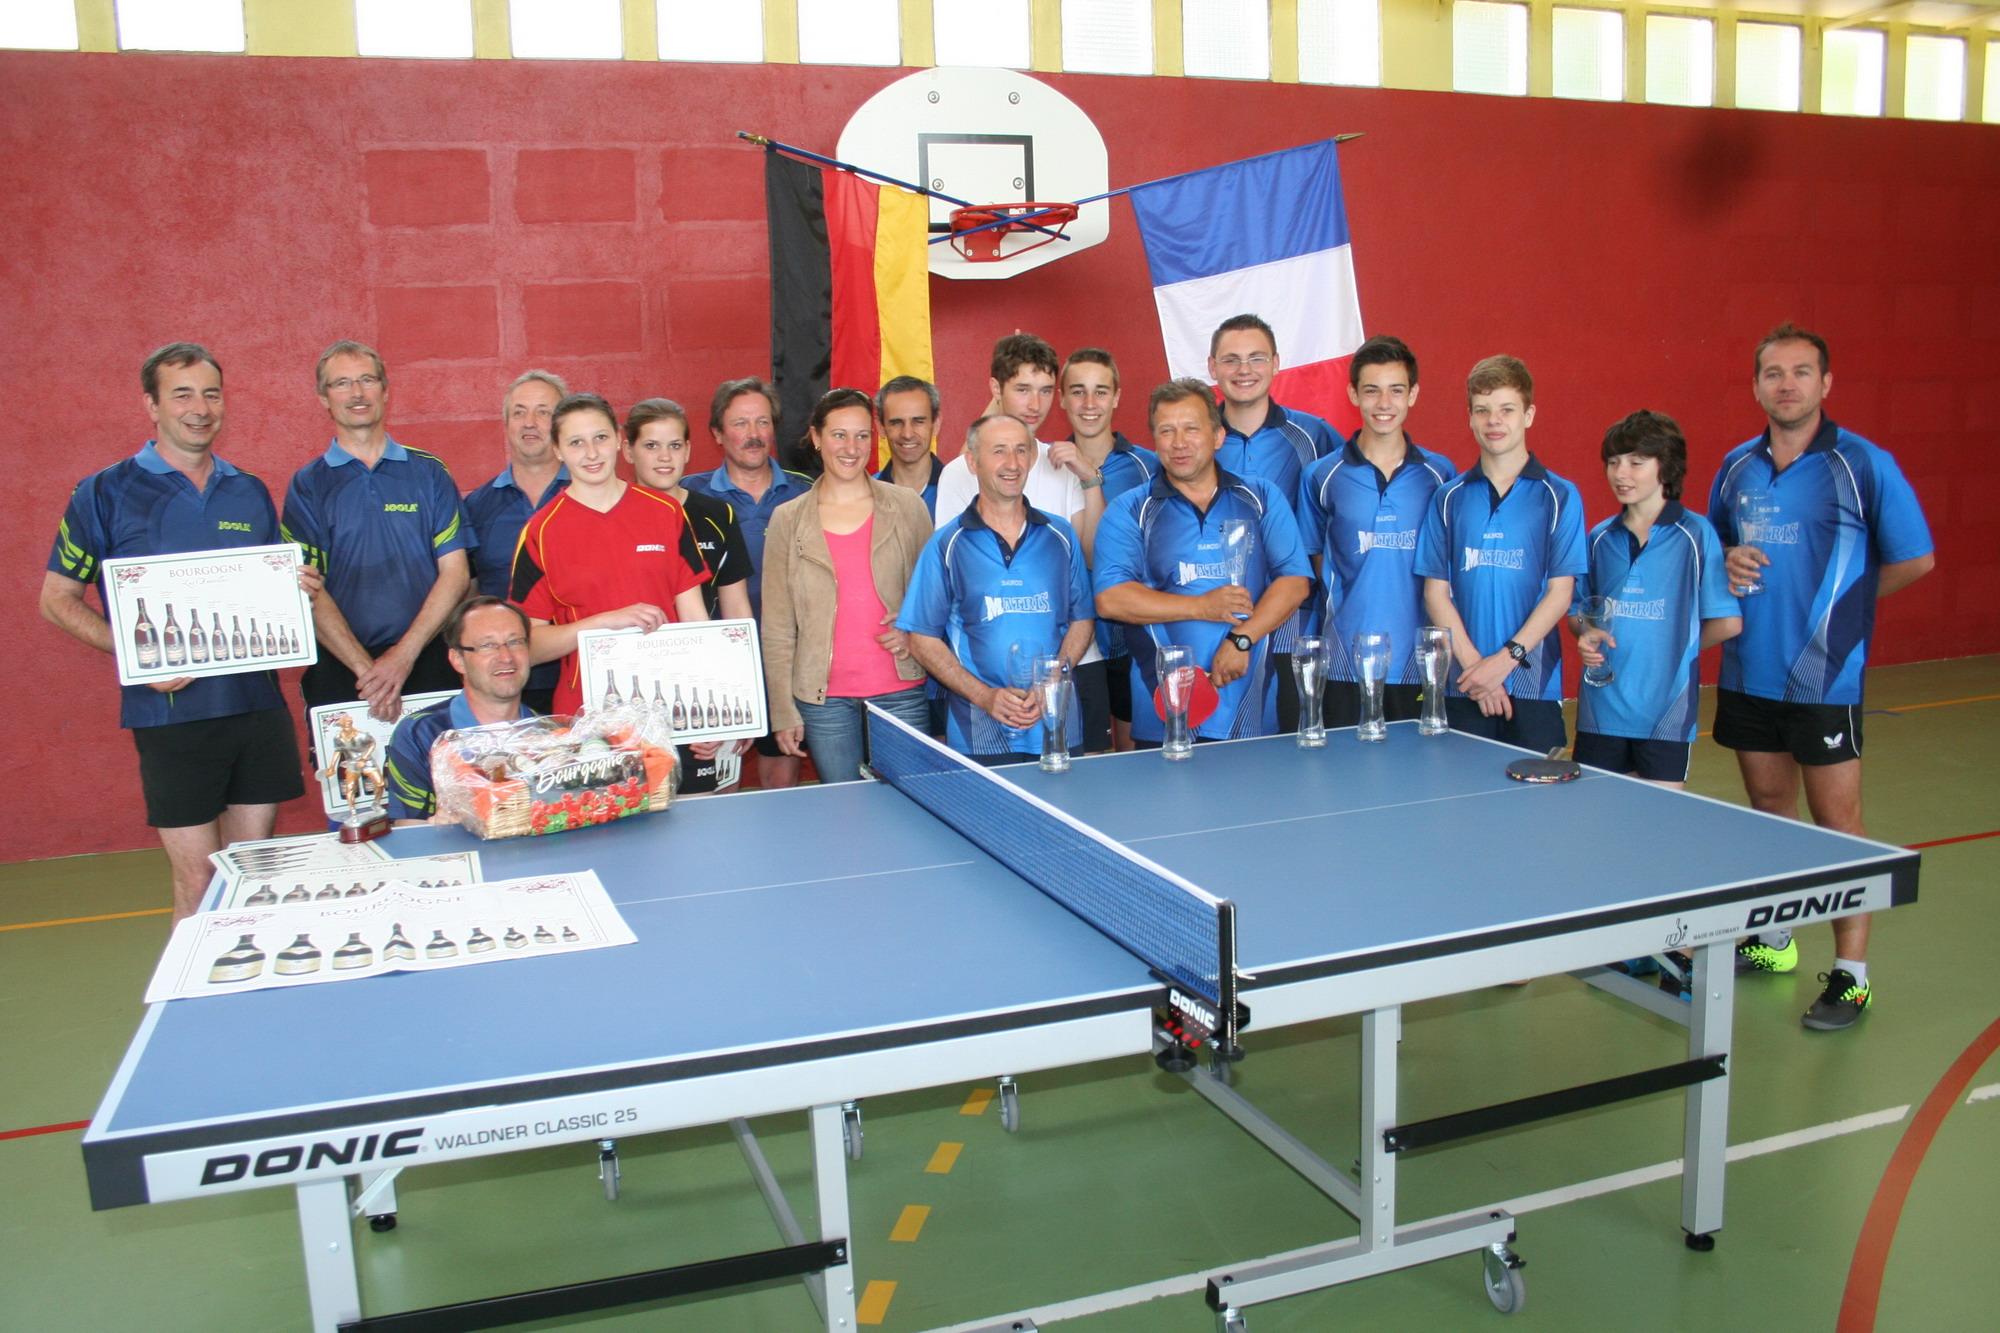 Chagny tennis de table r sultats 5 me journ e phase 2 - Resultat tennis de table hainaut ...